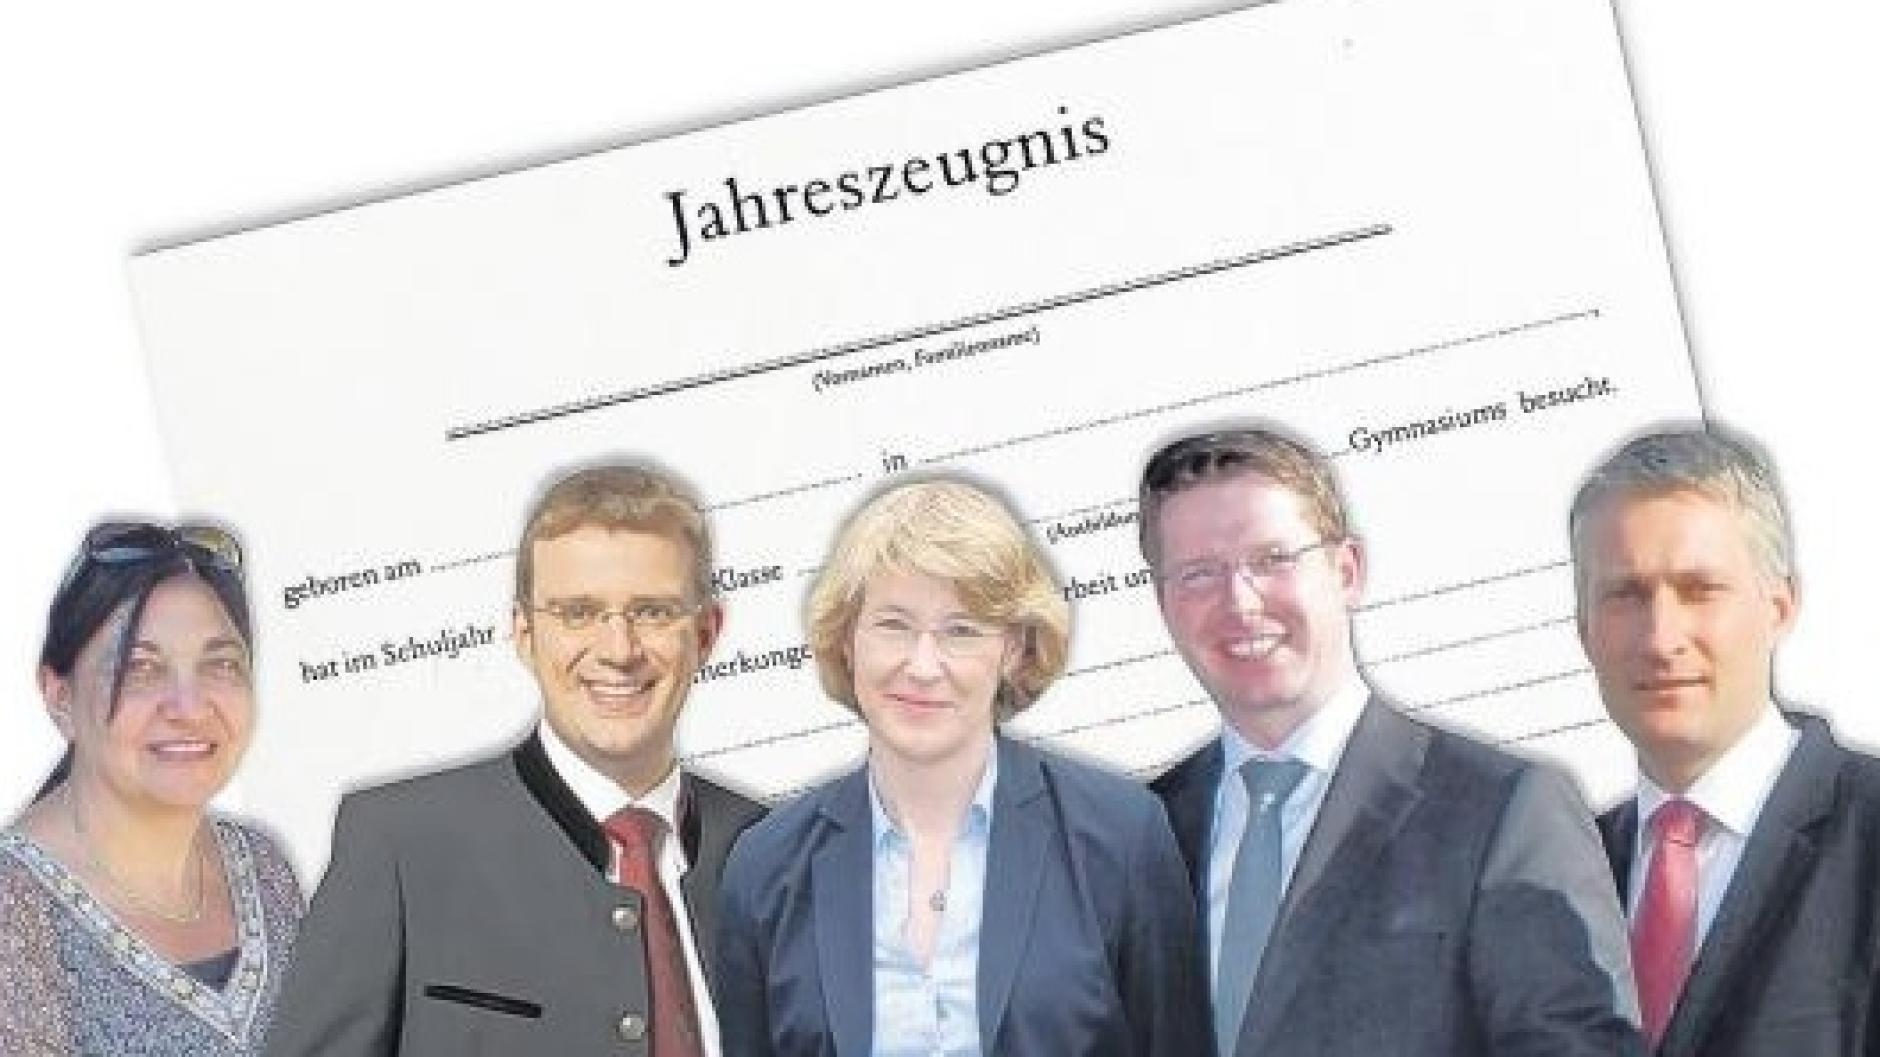 Bundestag: Das sind die Zeugnisse der Abgeordneten aus der